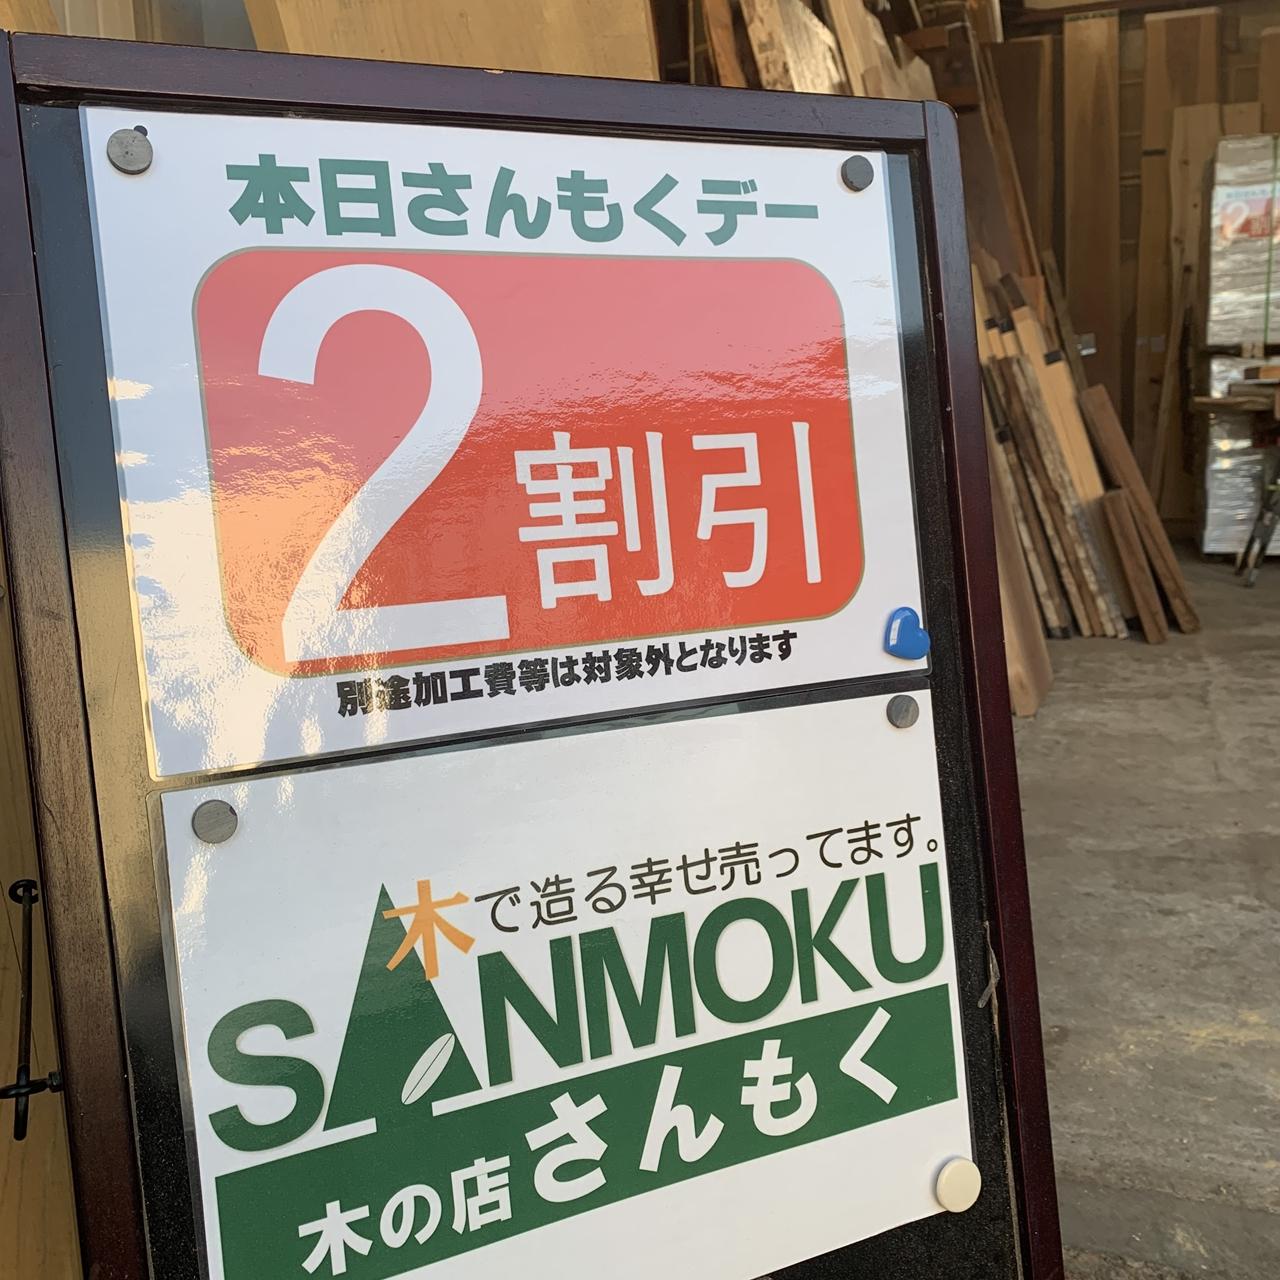 10/17㈭ 本日【さんもくデー特売日】